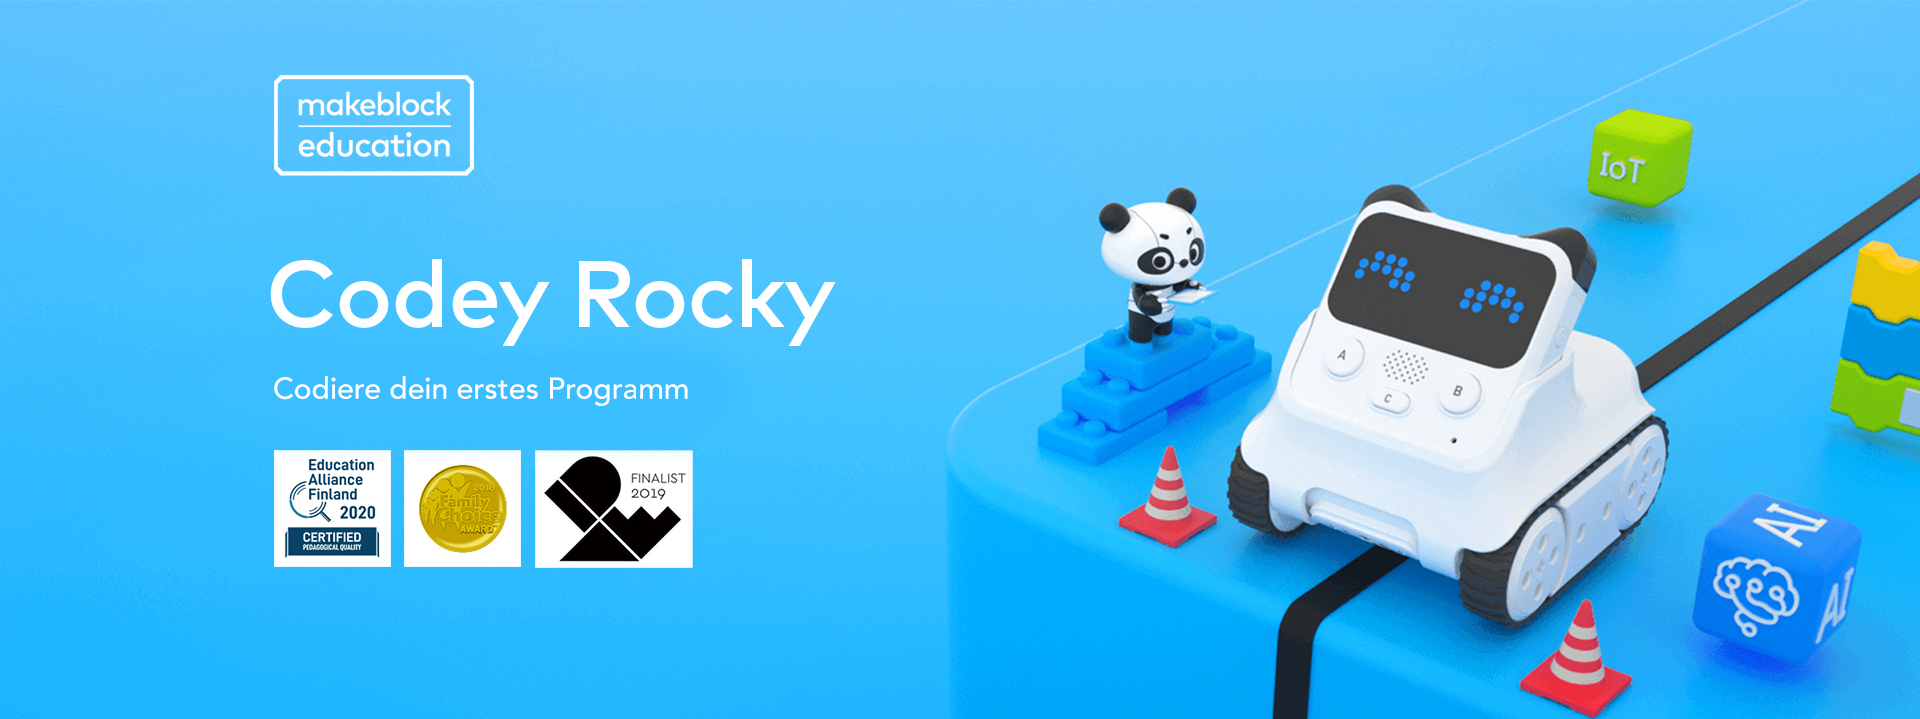 Codey_Rocky